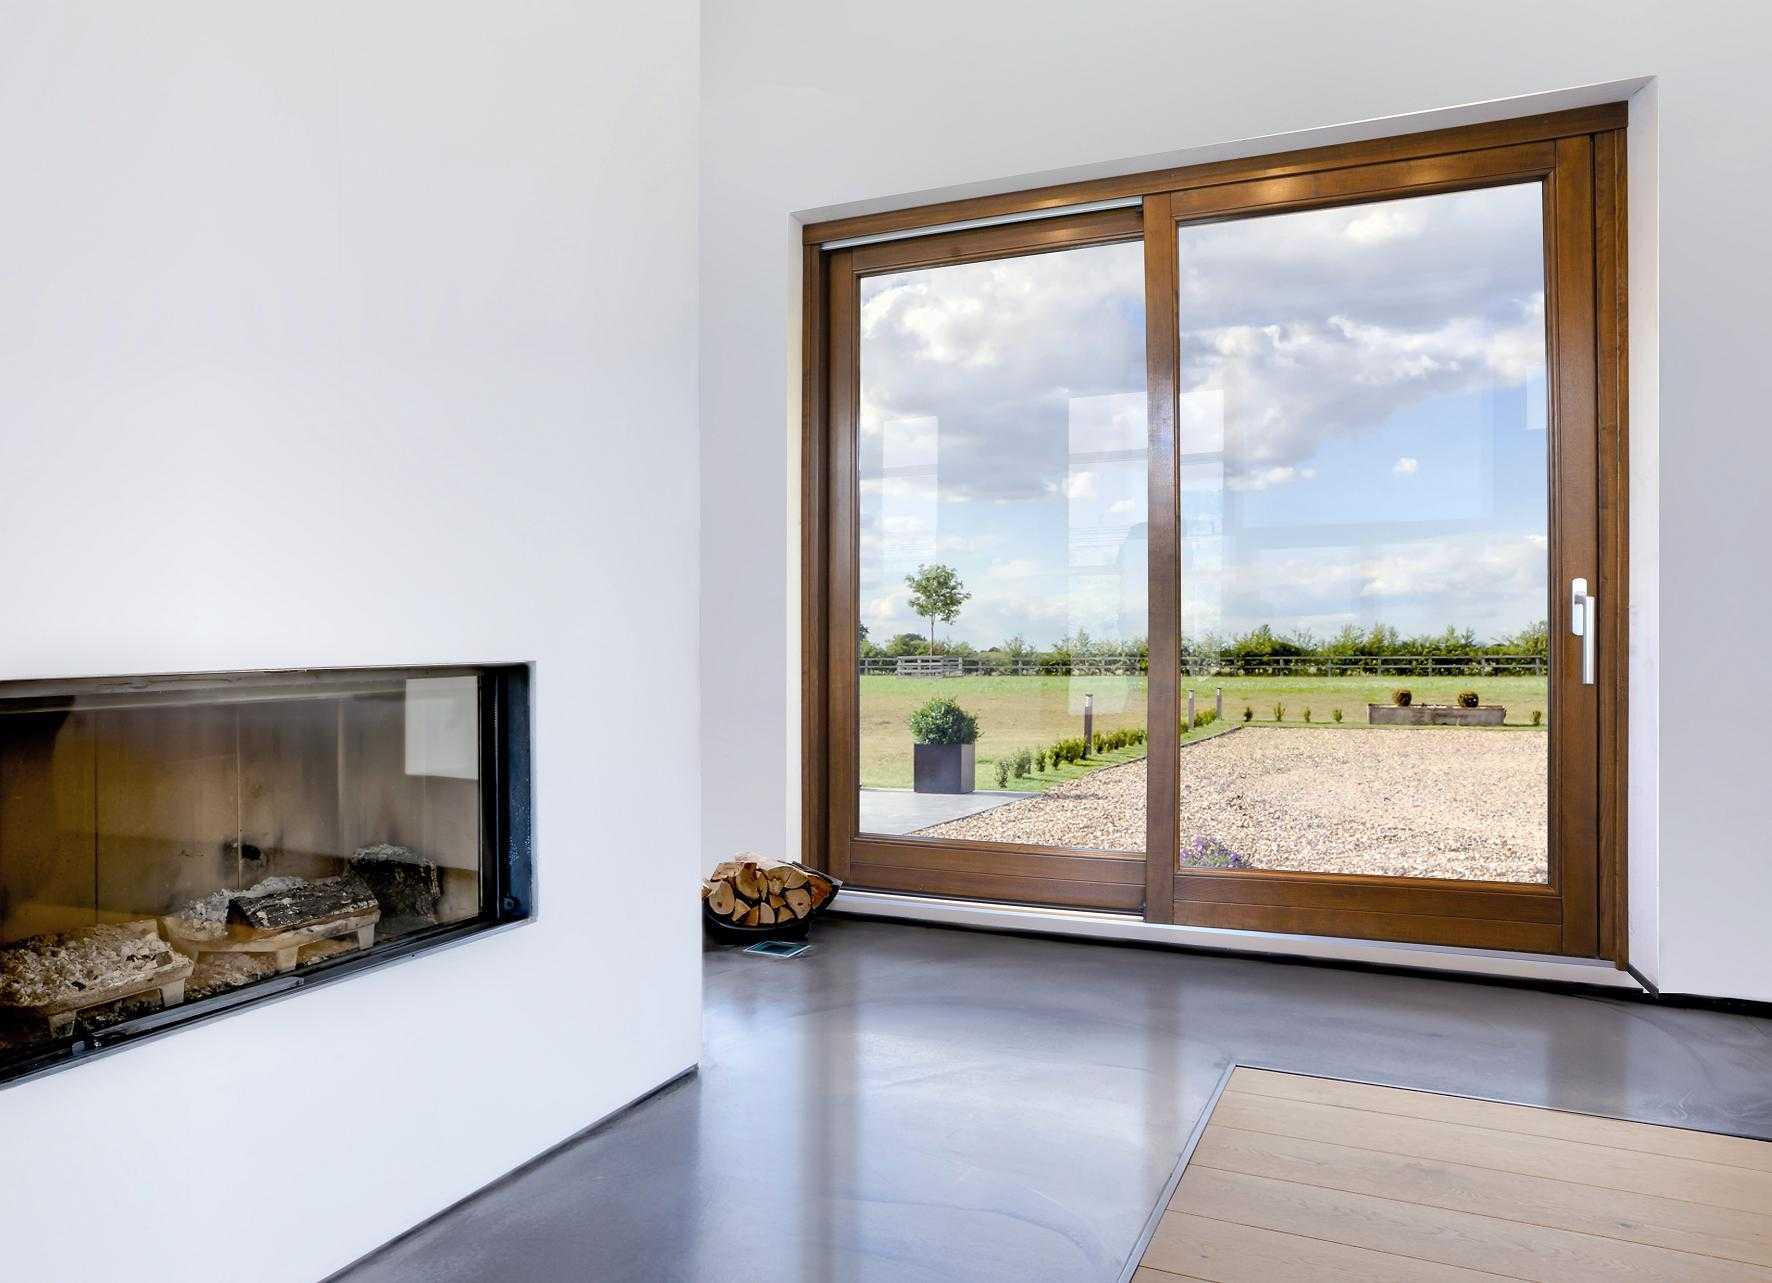 Vetrate casa kosma for Case con vetrate